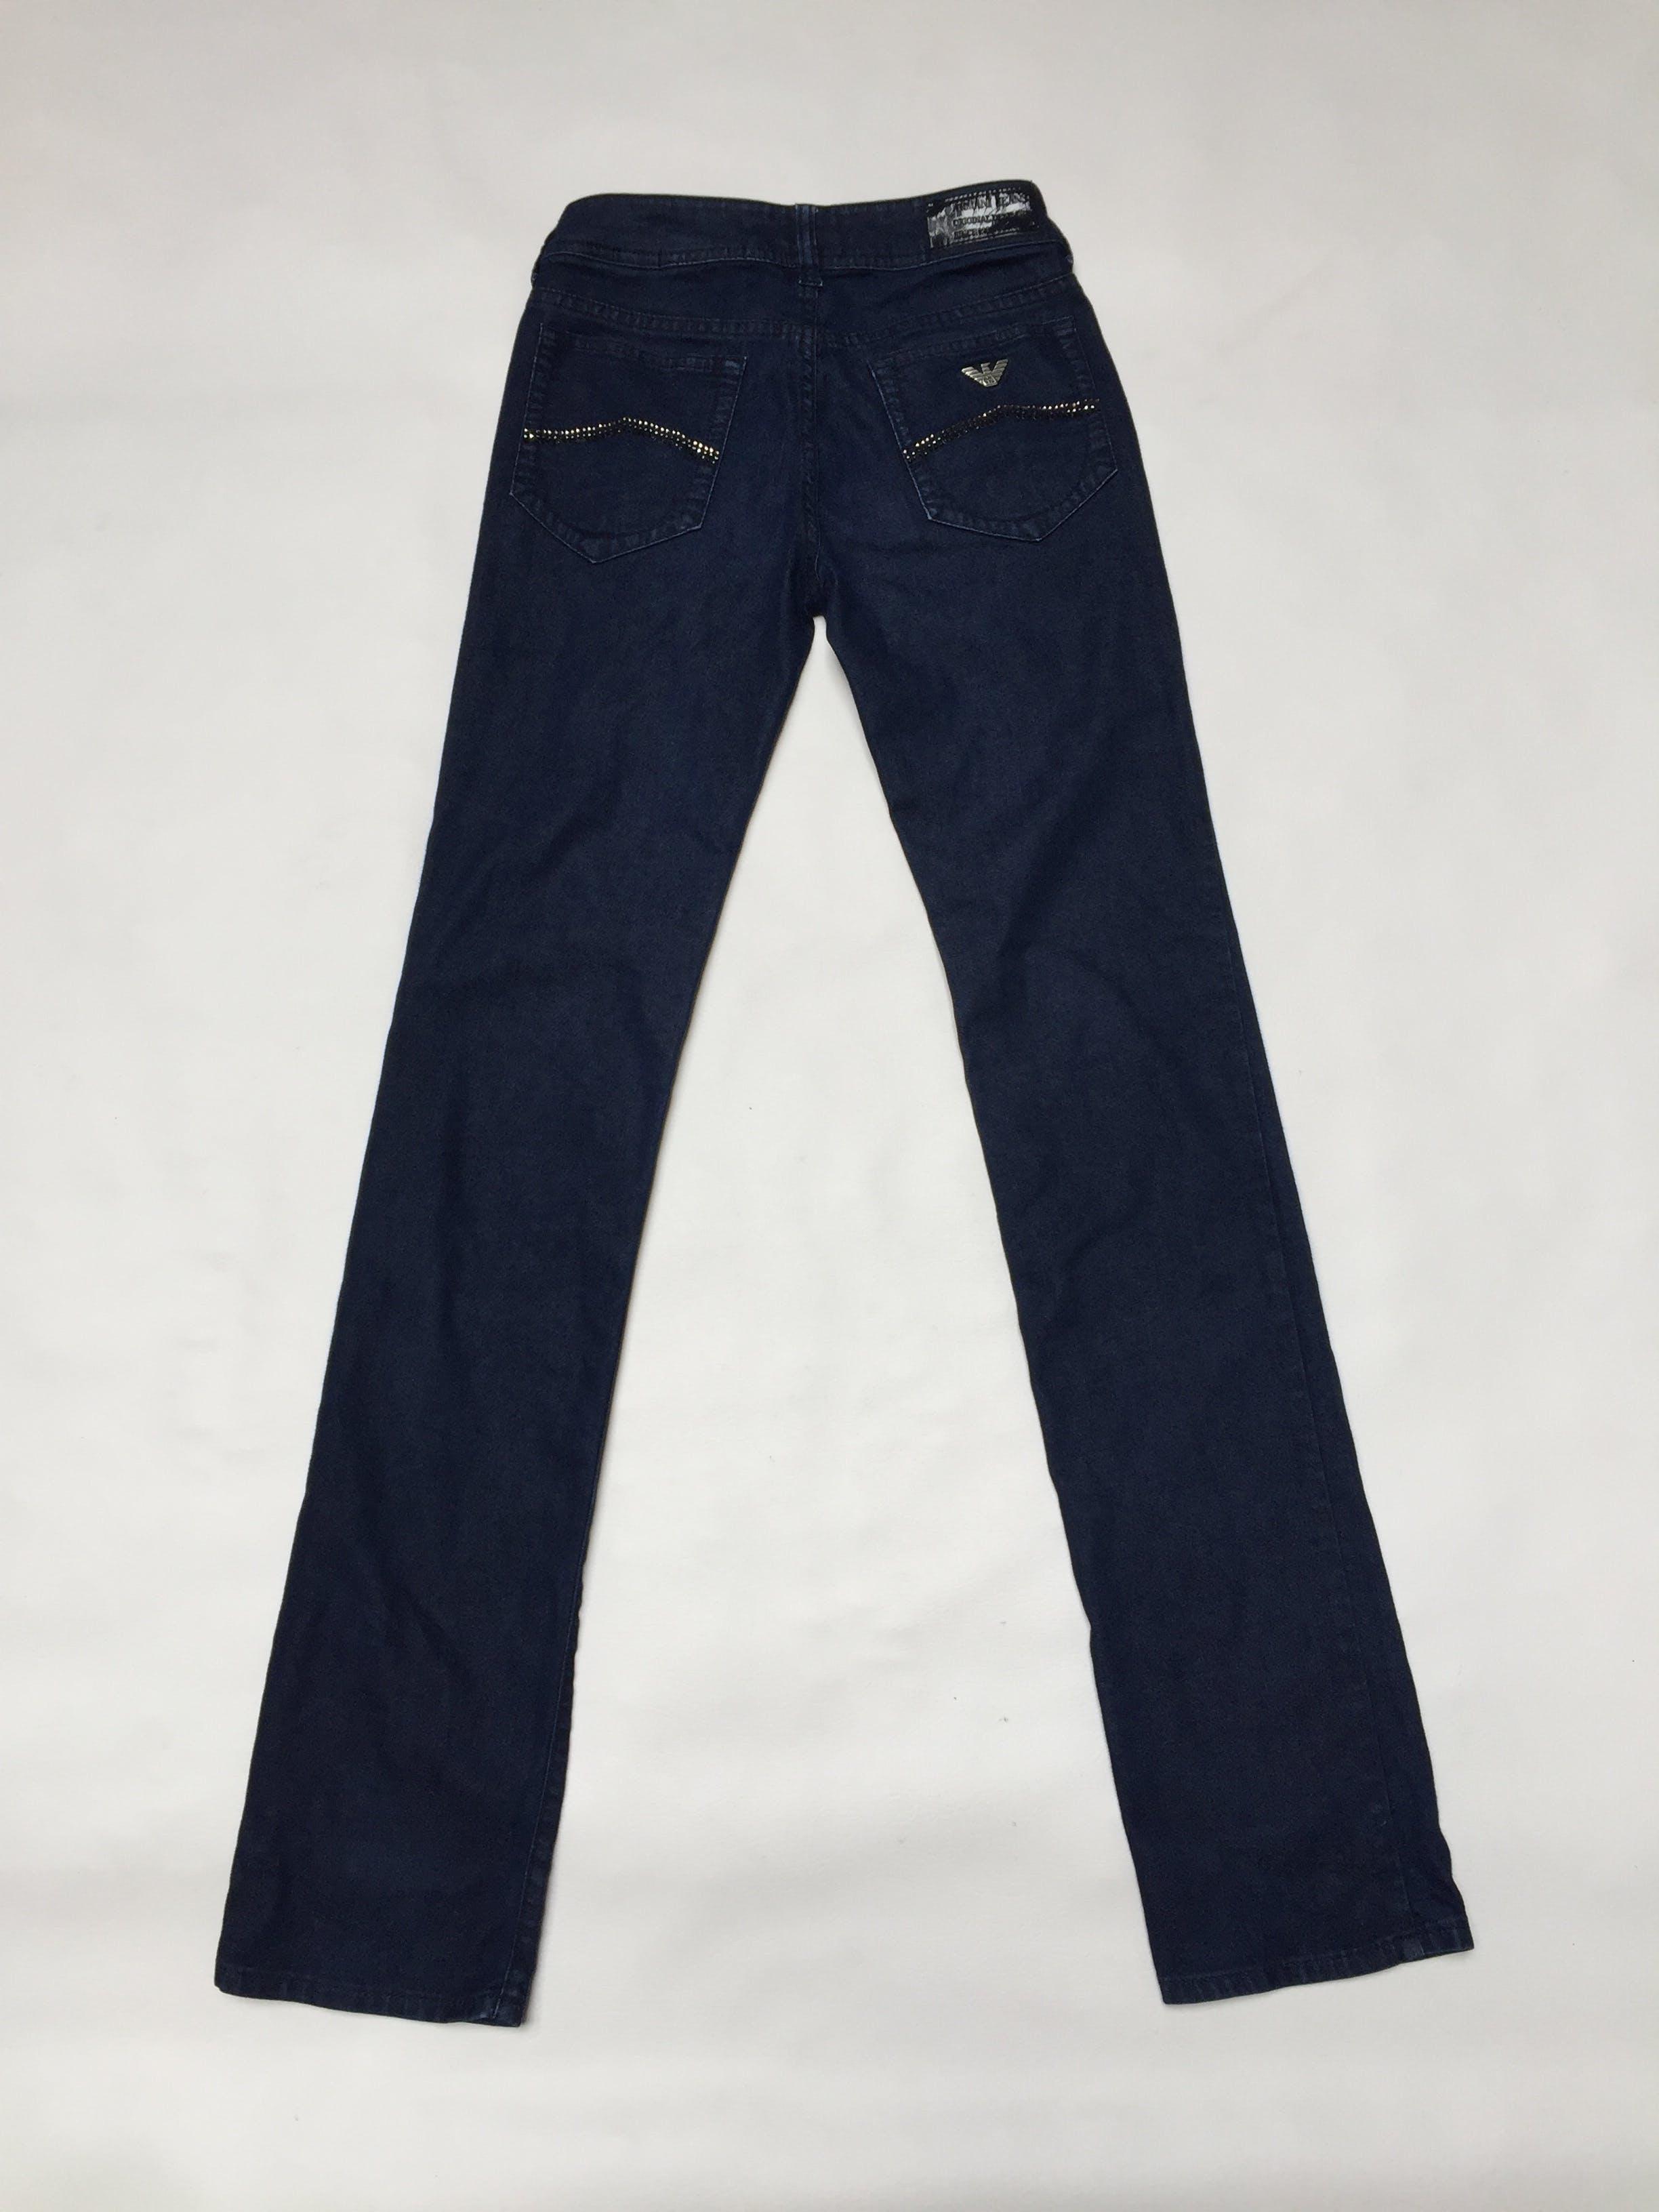 Pantalón Armani Jeans azul, 79% algodón, bolsillos delanteros y posteriores con strass, es pitillo y ligeramente stretch. Precio original USD100 Talla 25